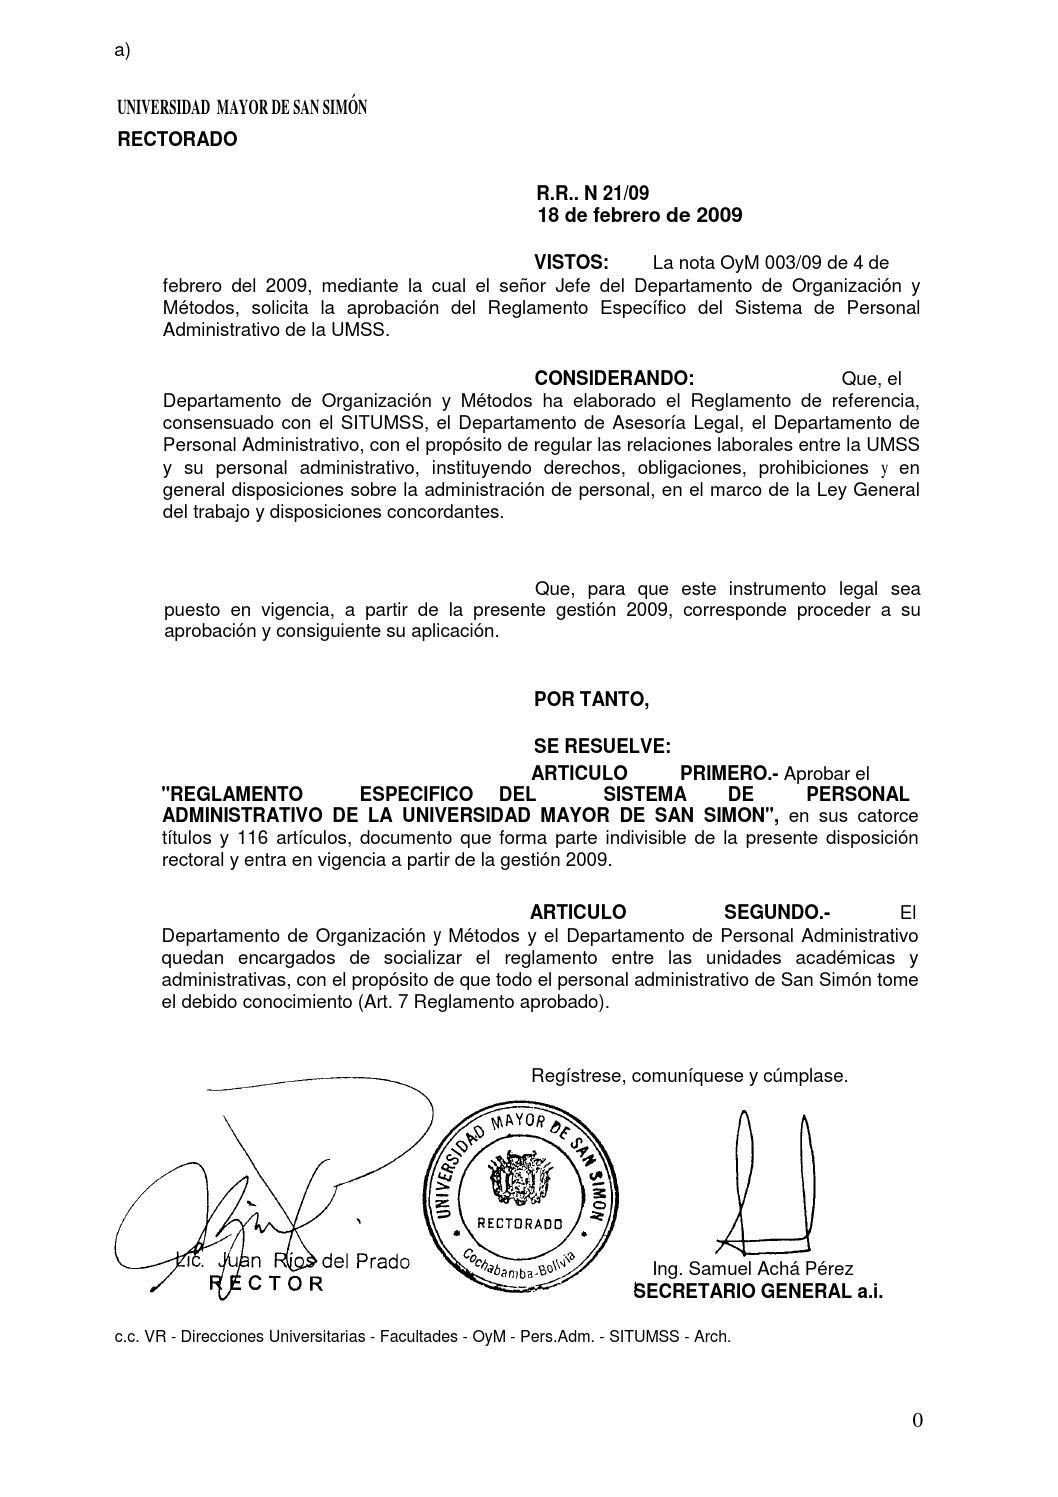 UMSS - Reglamento especifico del sistema de personal administrativo ...